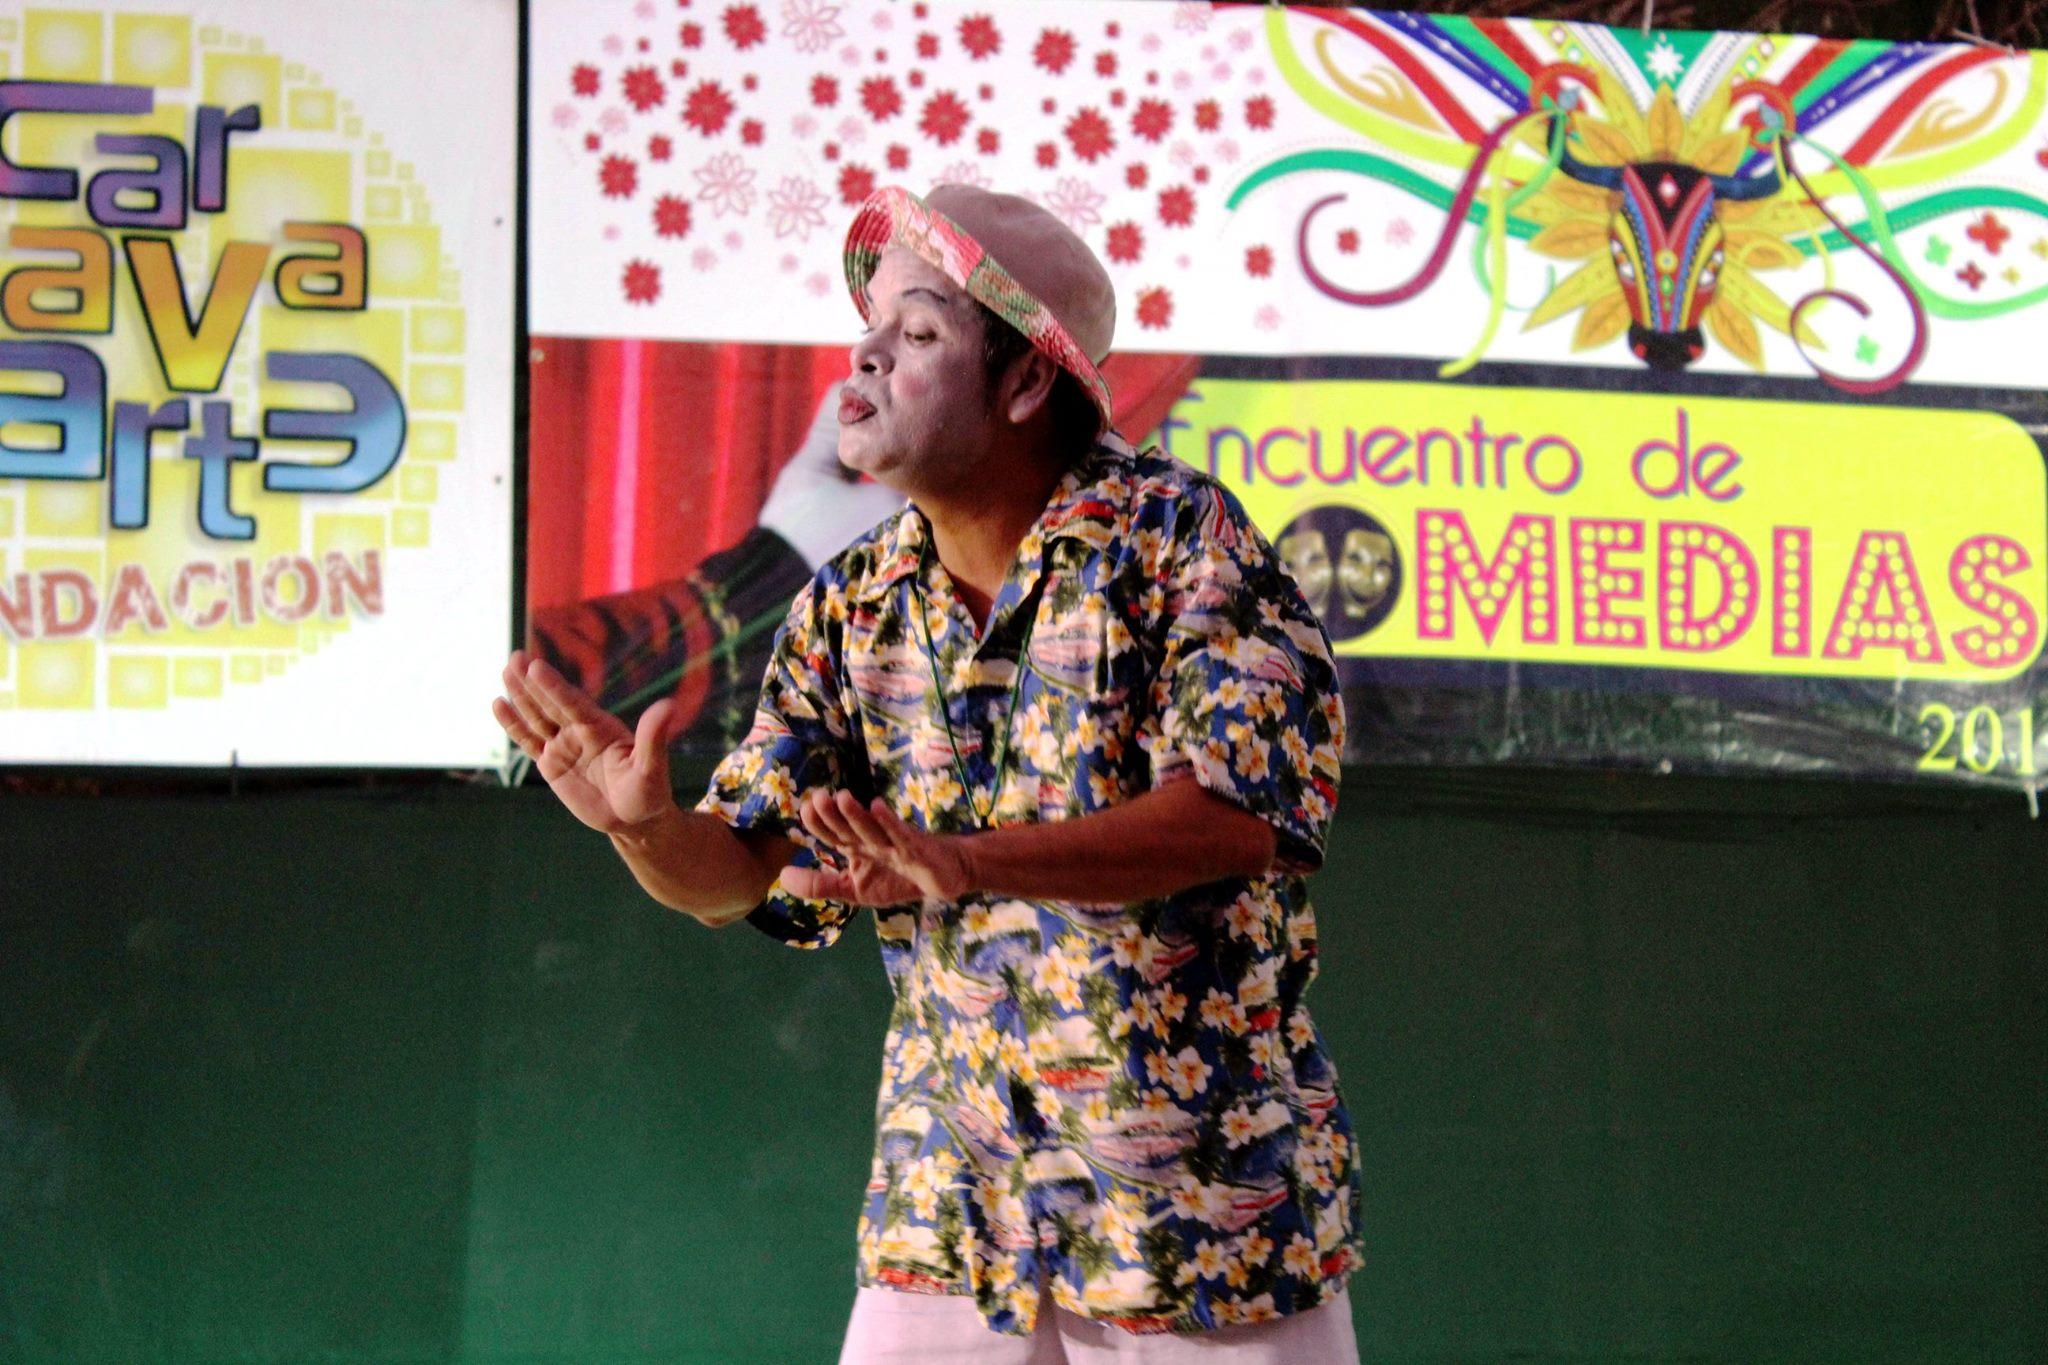 Las comedias llenan de Carnaval los parques de Barranquilla